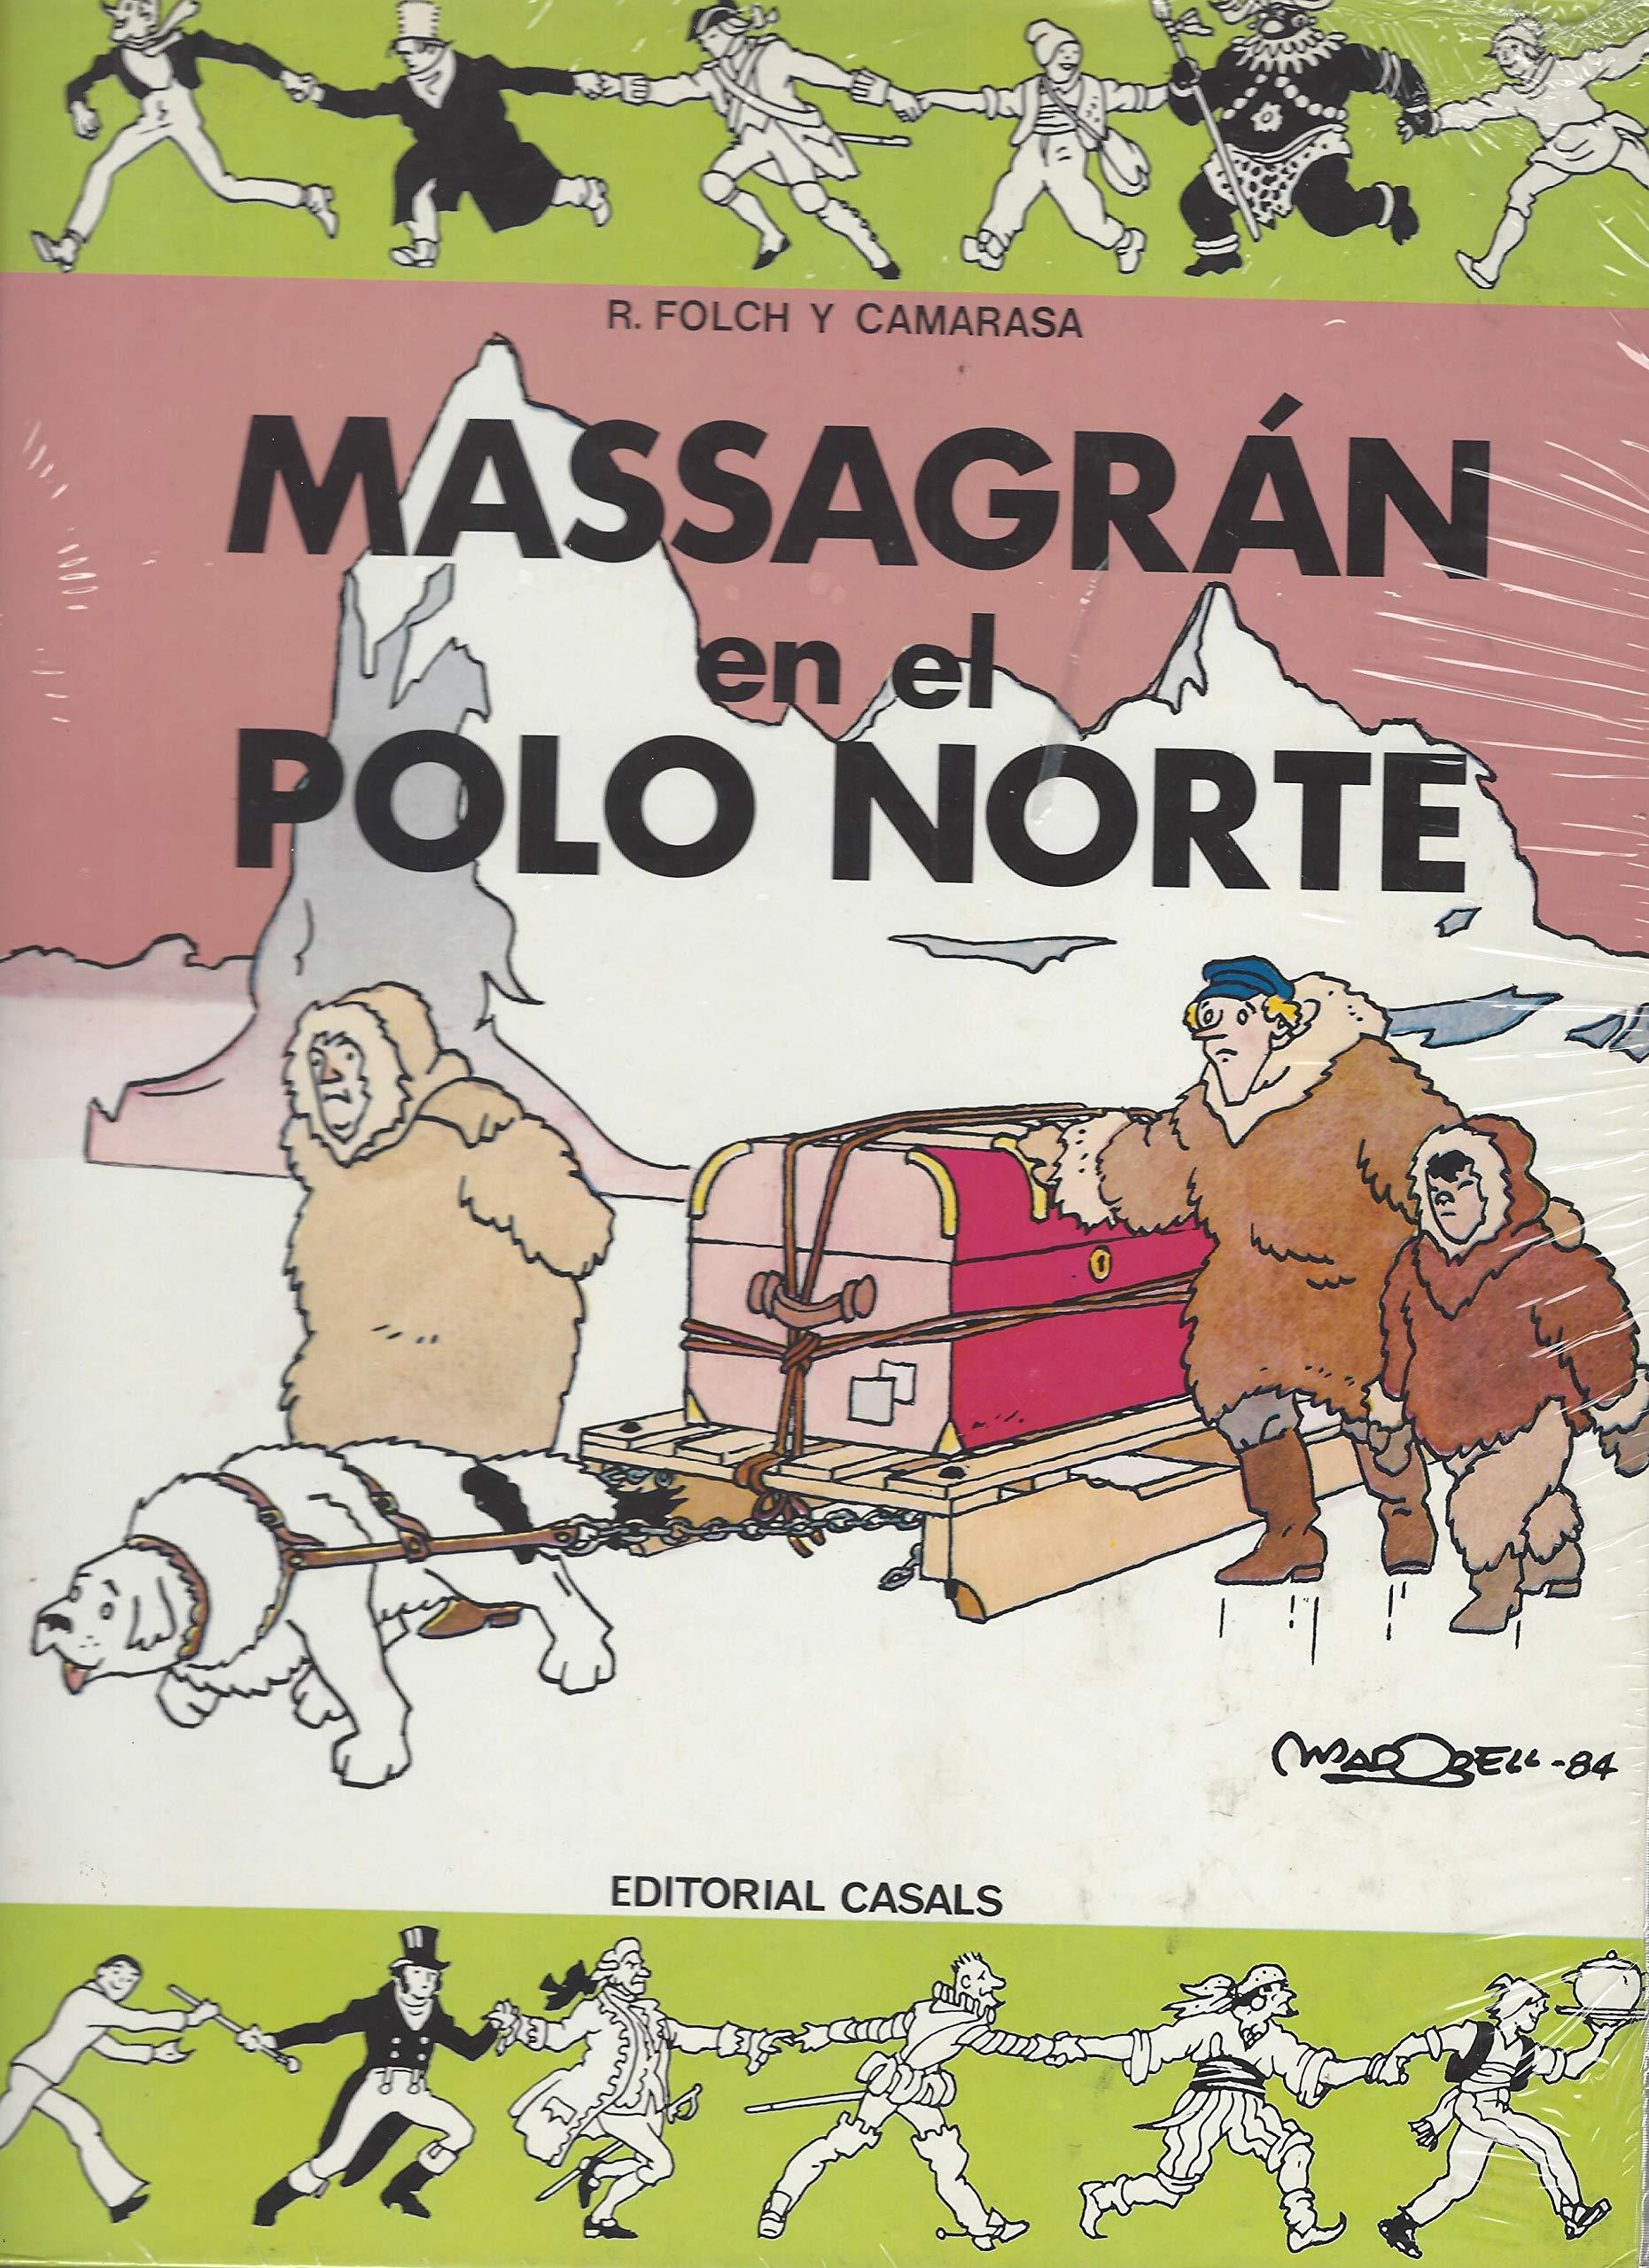 Massagran en el Polo Norte.: Amazon.es: R. Folch Y Camarasa/J.M. ...